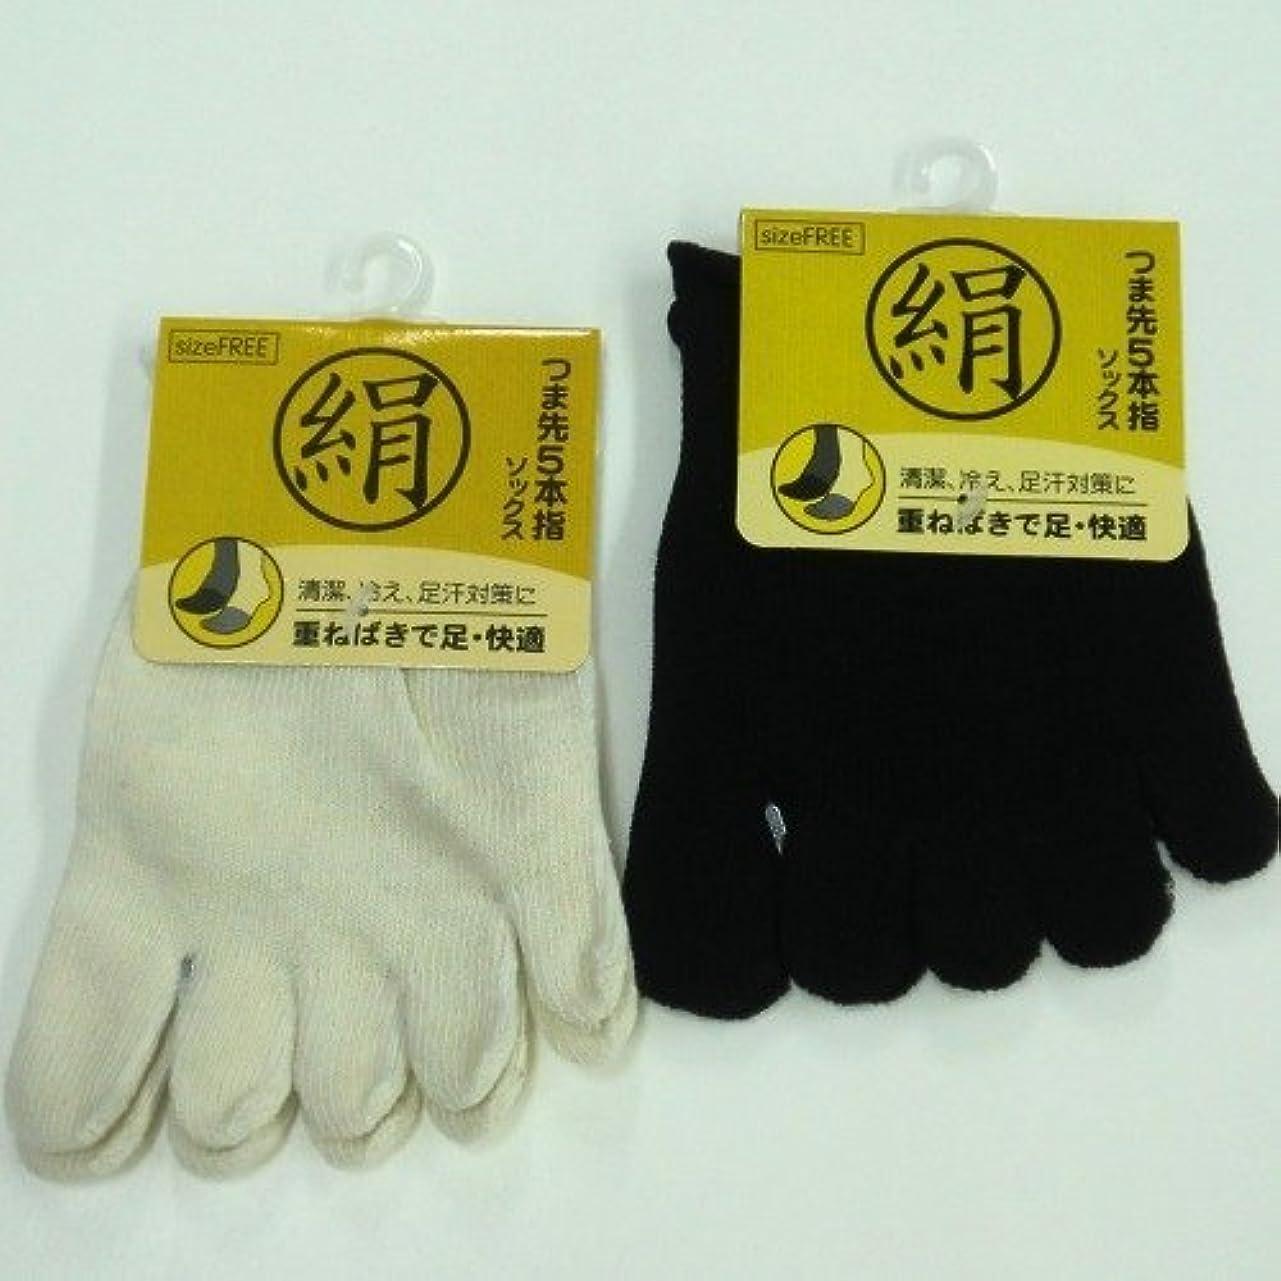 変形インセンティブ人質シルク 5本指ハーフソックス 足指カバー 天然素材絹で抗菌防臭 3足組 (色はお任せ)